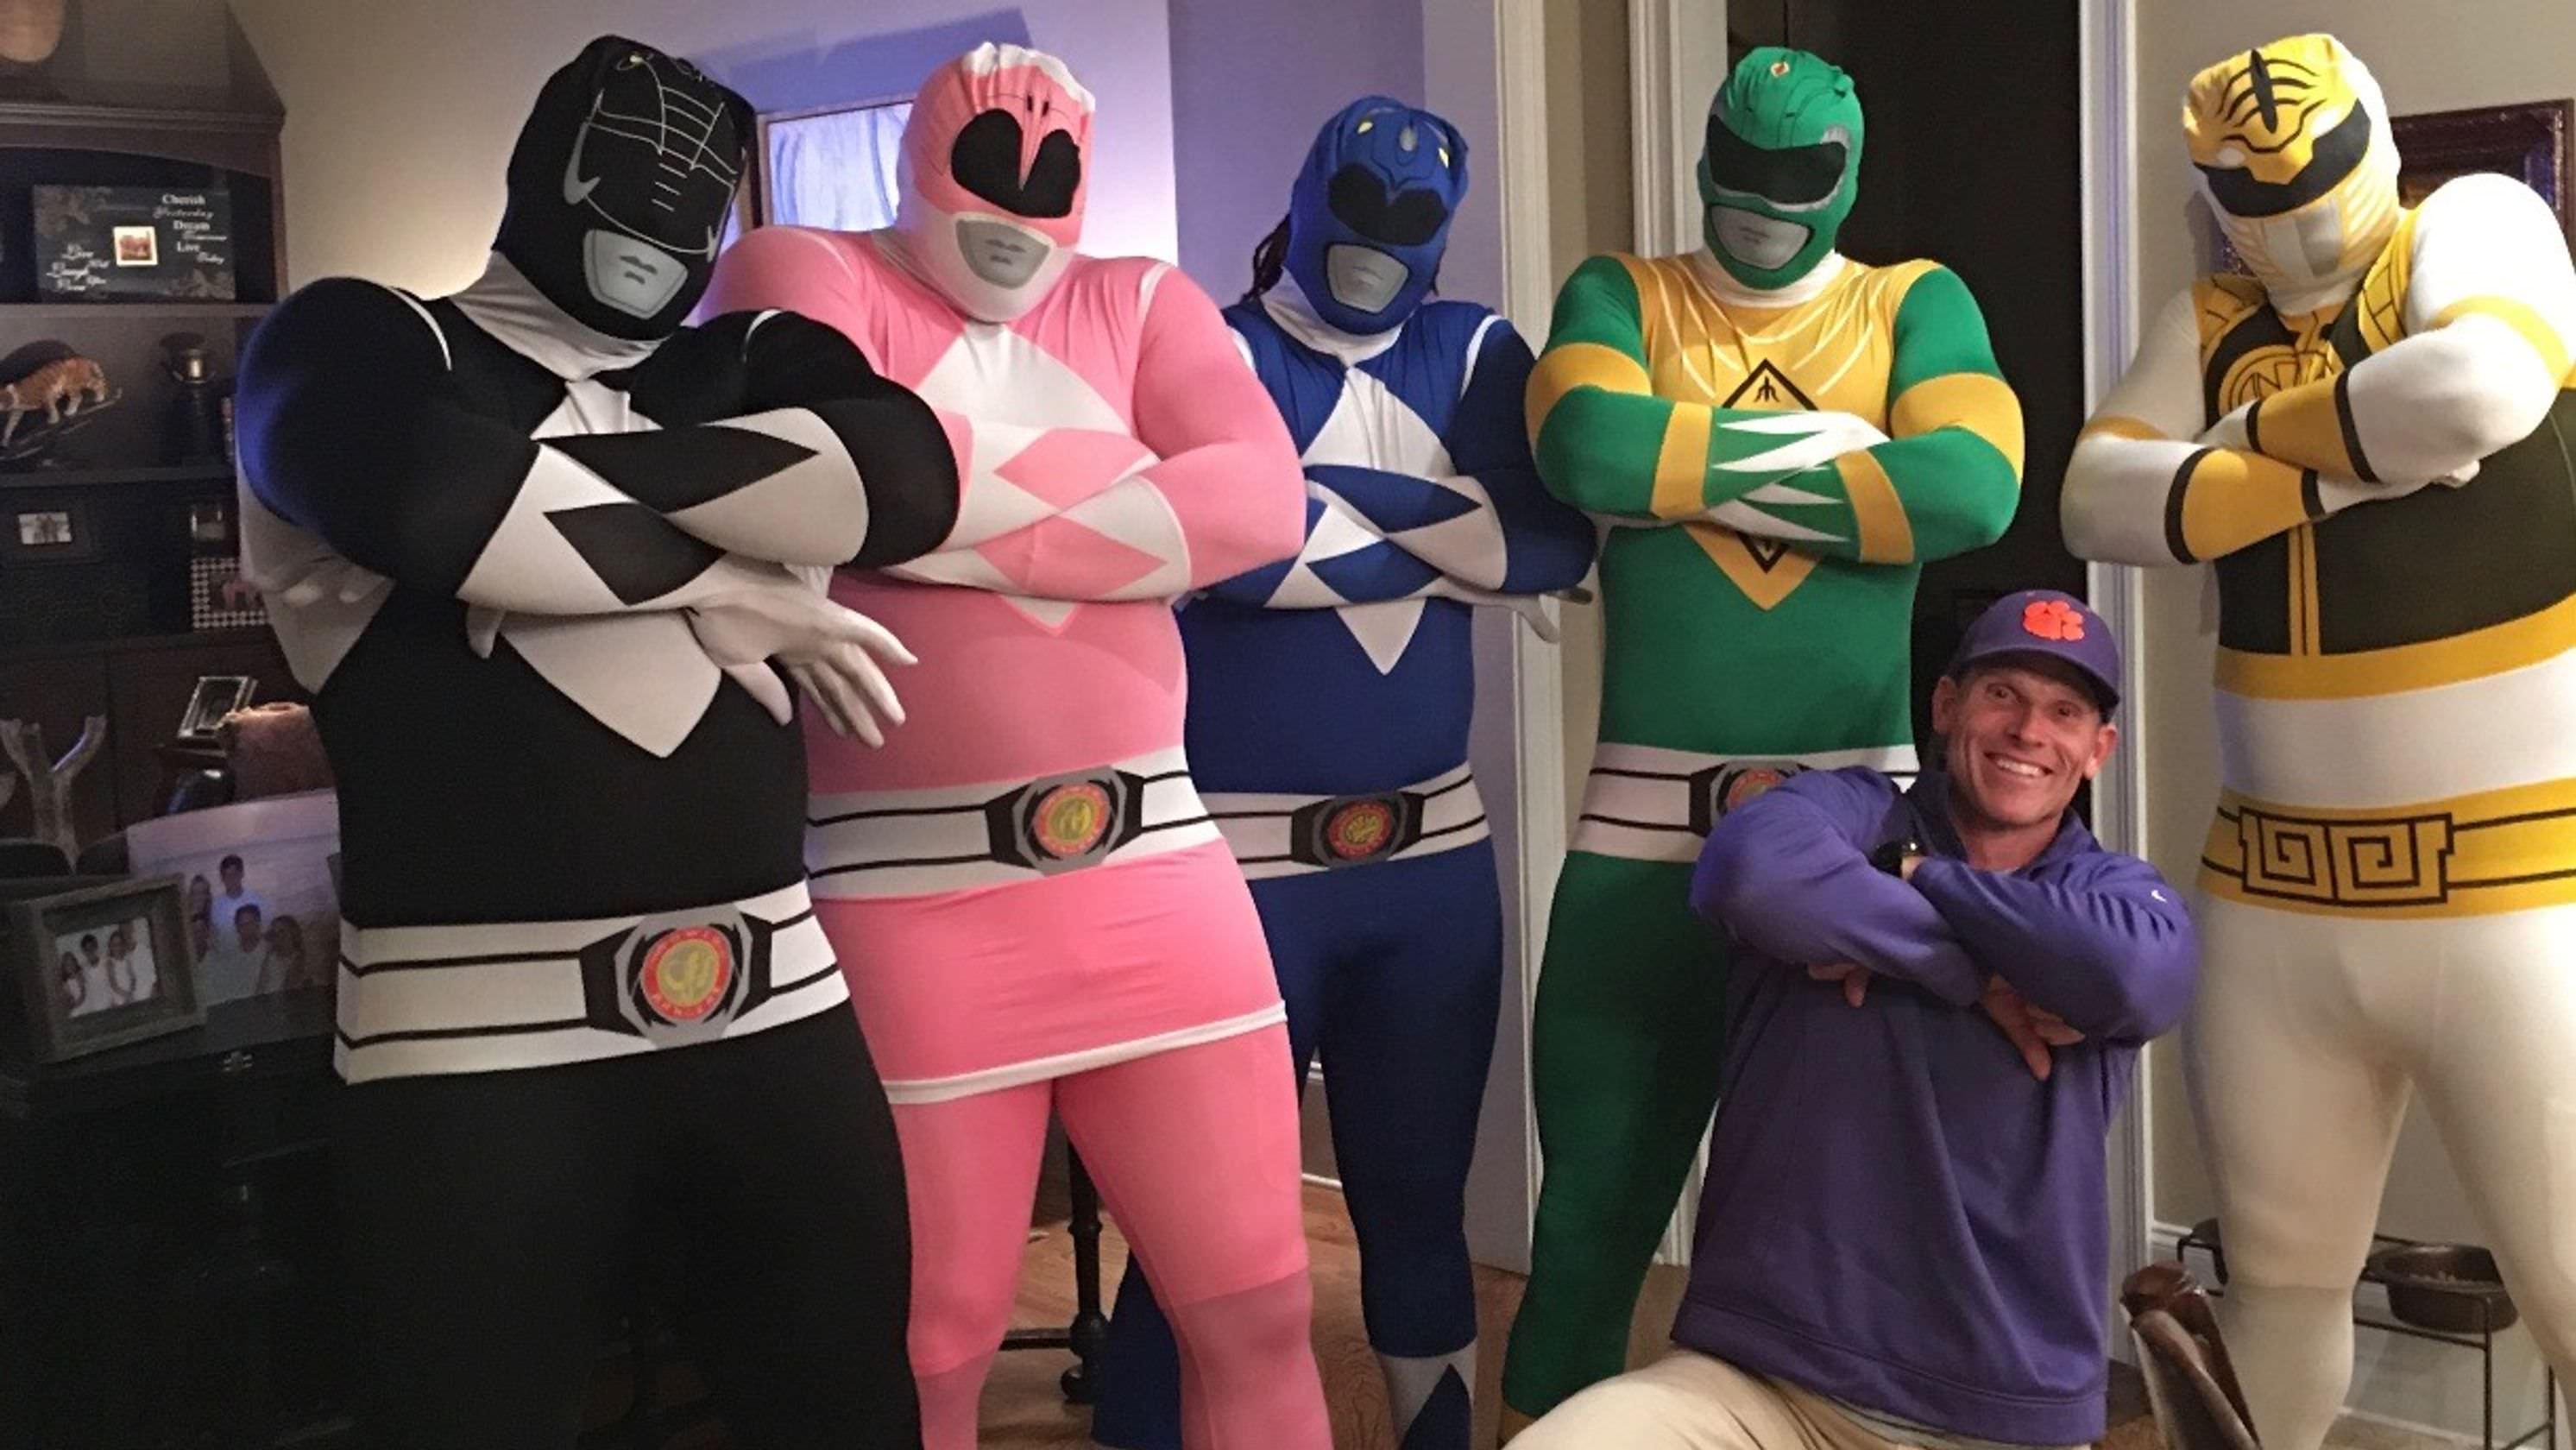 São os Power Rangers? Não, é apenas a linha defensiva de Clemson celebrando o Halloween